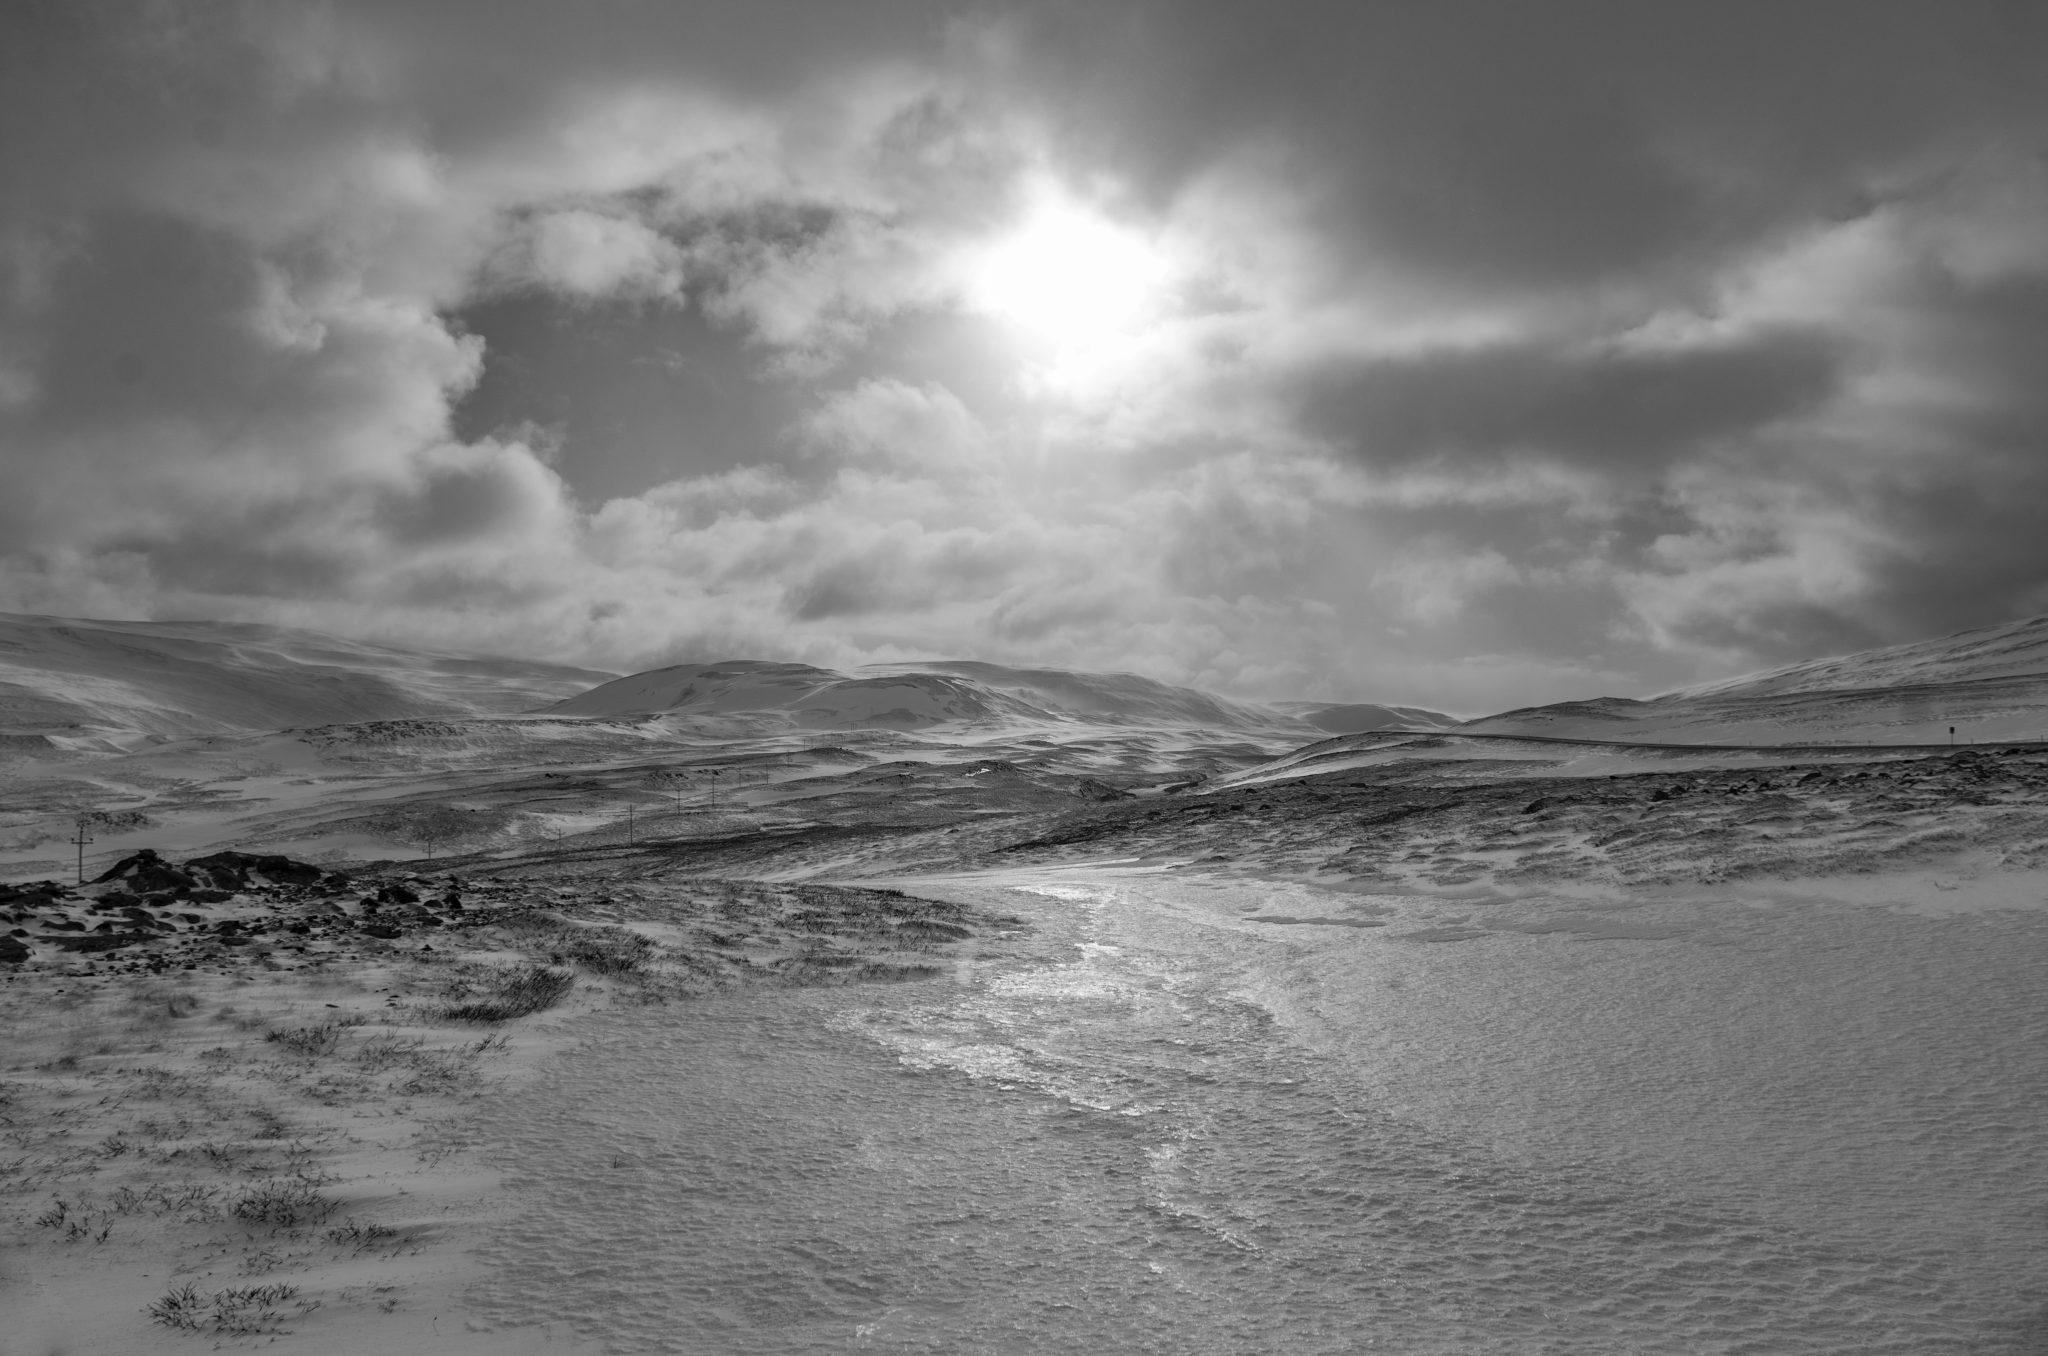 Iceland-March-04-2018-15-32-42-Edit.jpg